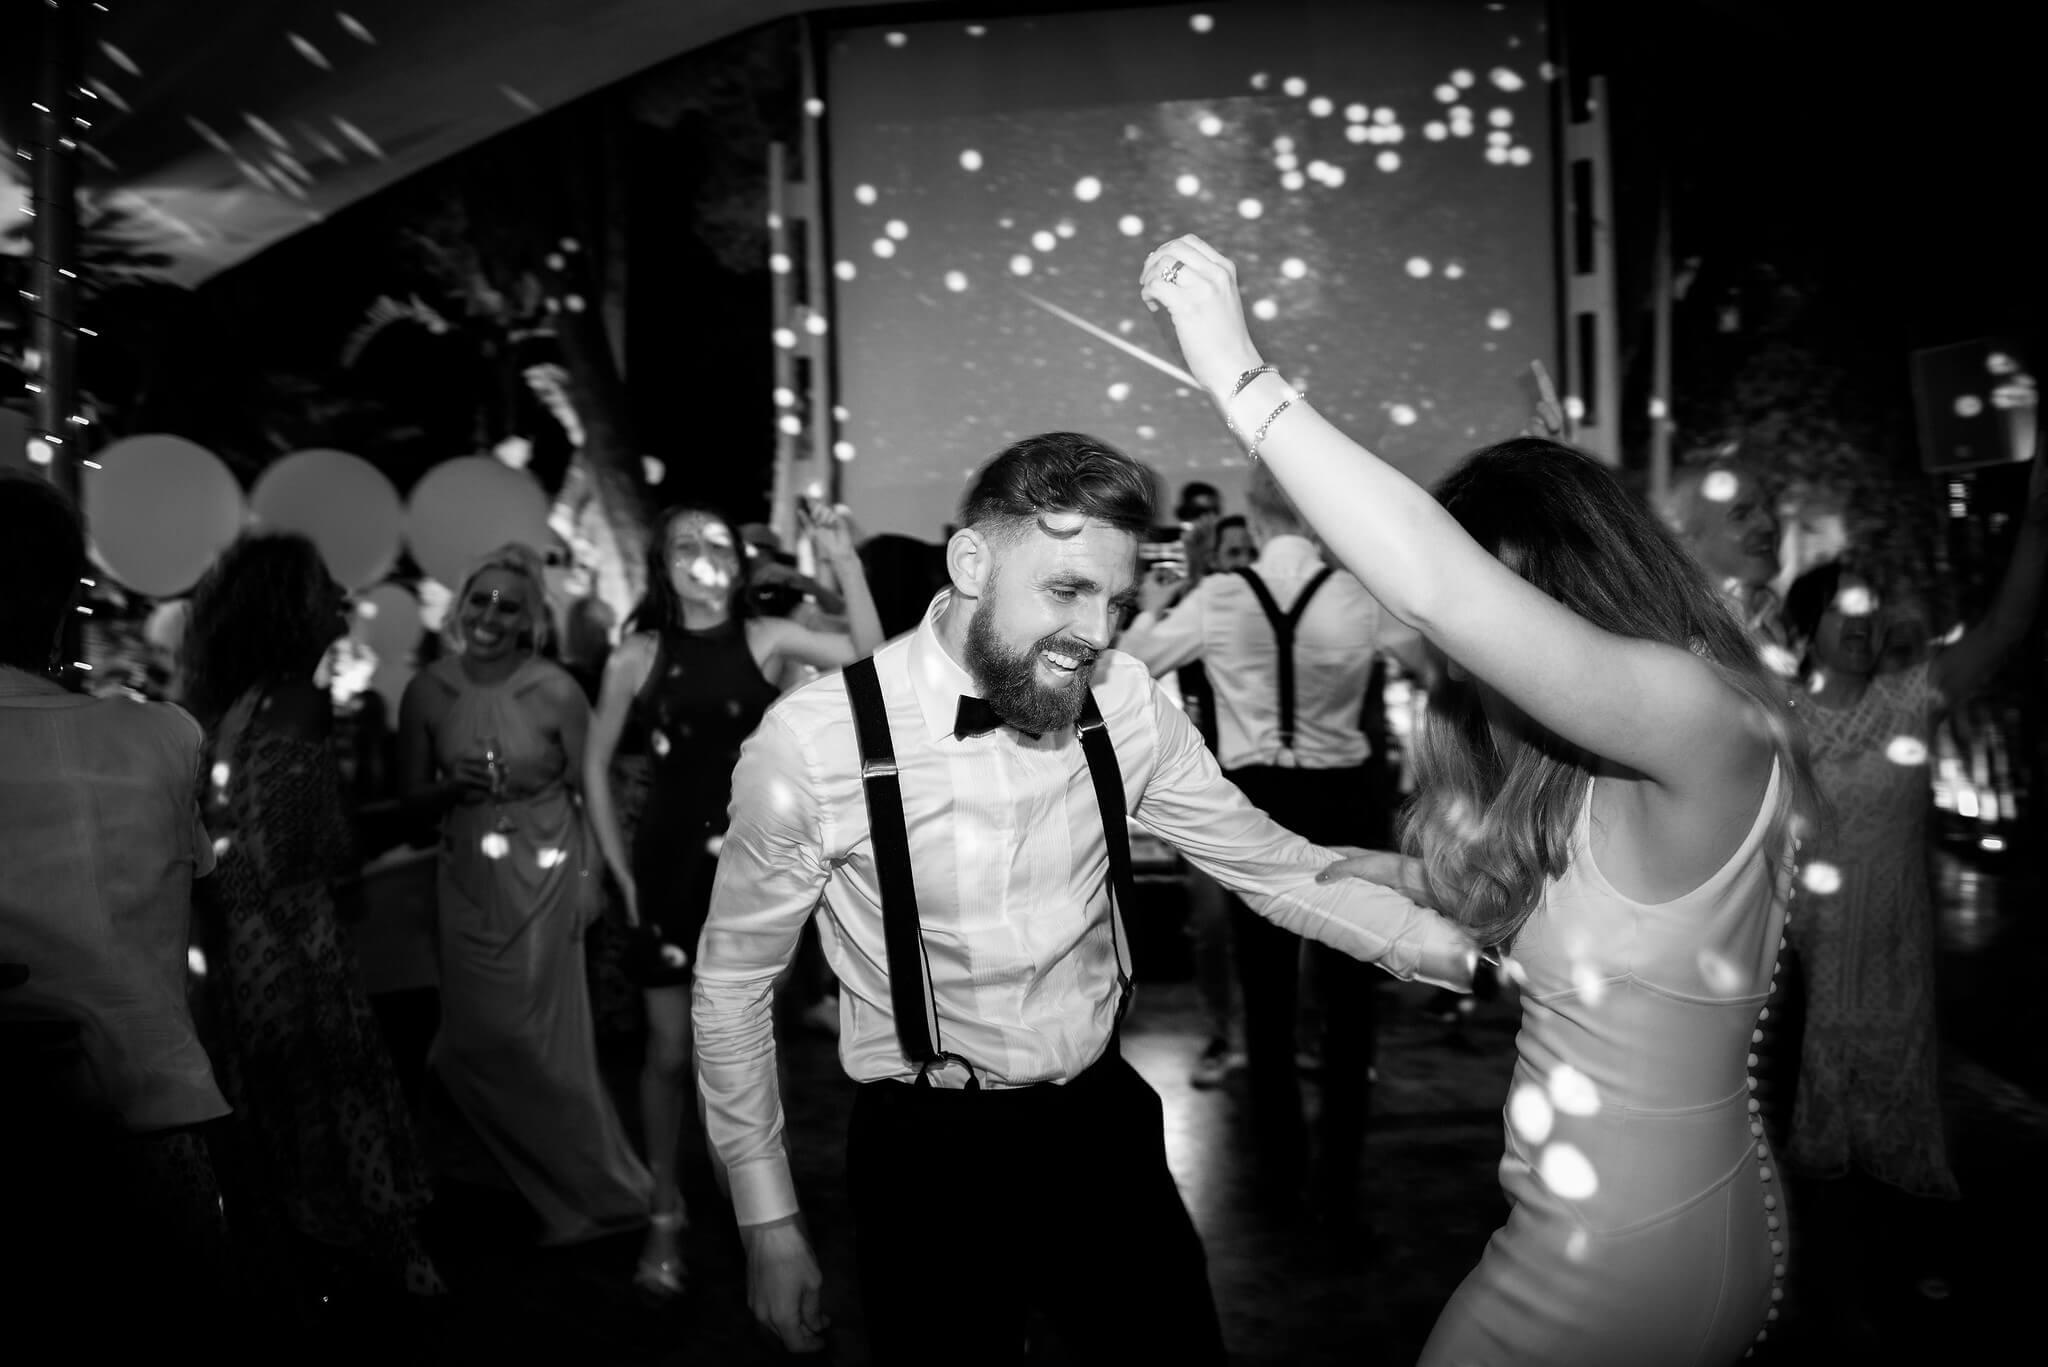 https://www.white-ibiza.com/wp-content/uploads/2020/03/ibiza-wedding-photographer-gypsy-westwood-2020-07.jpg